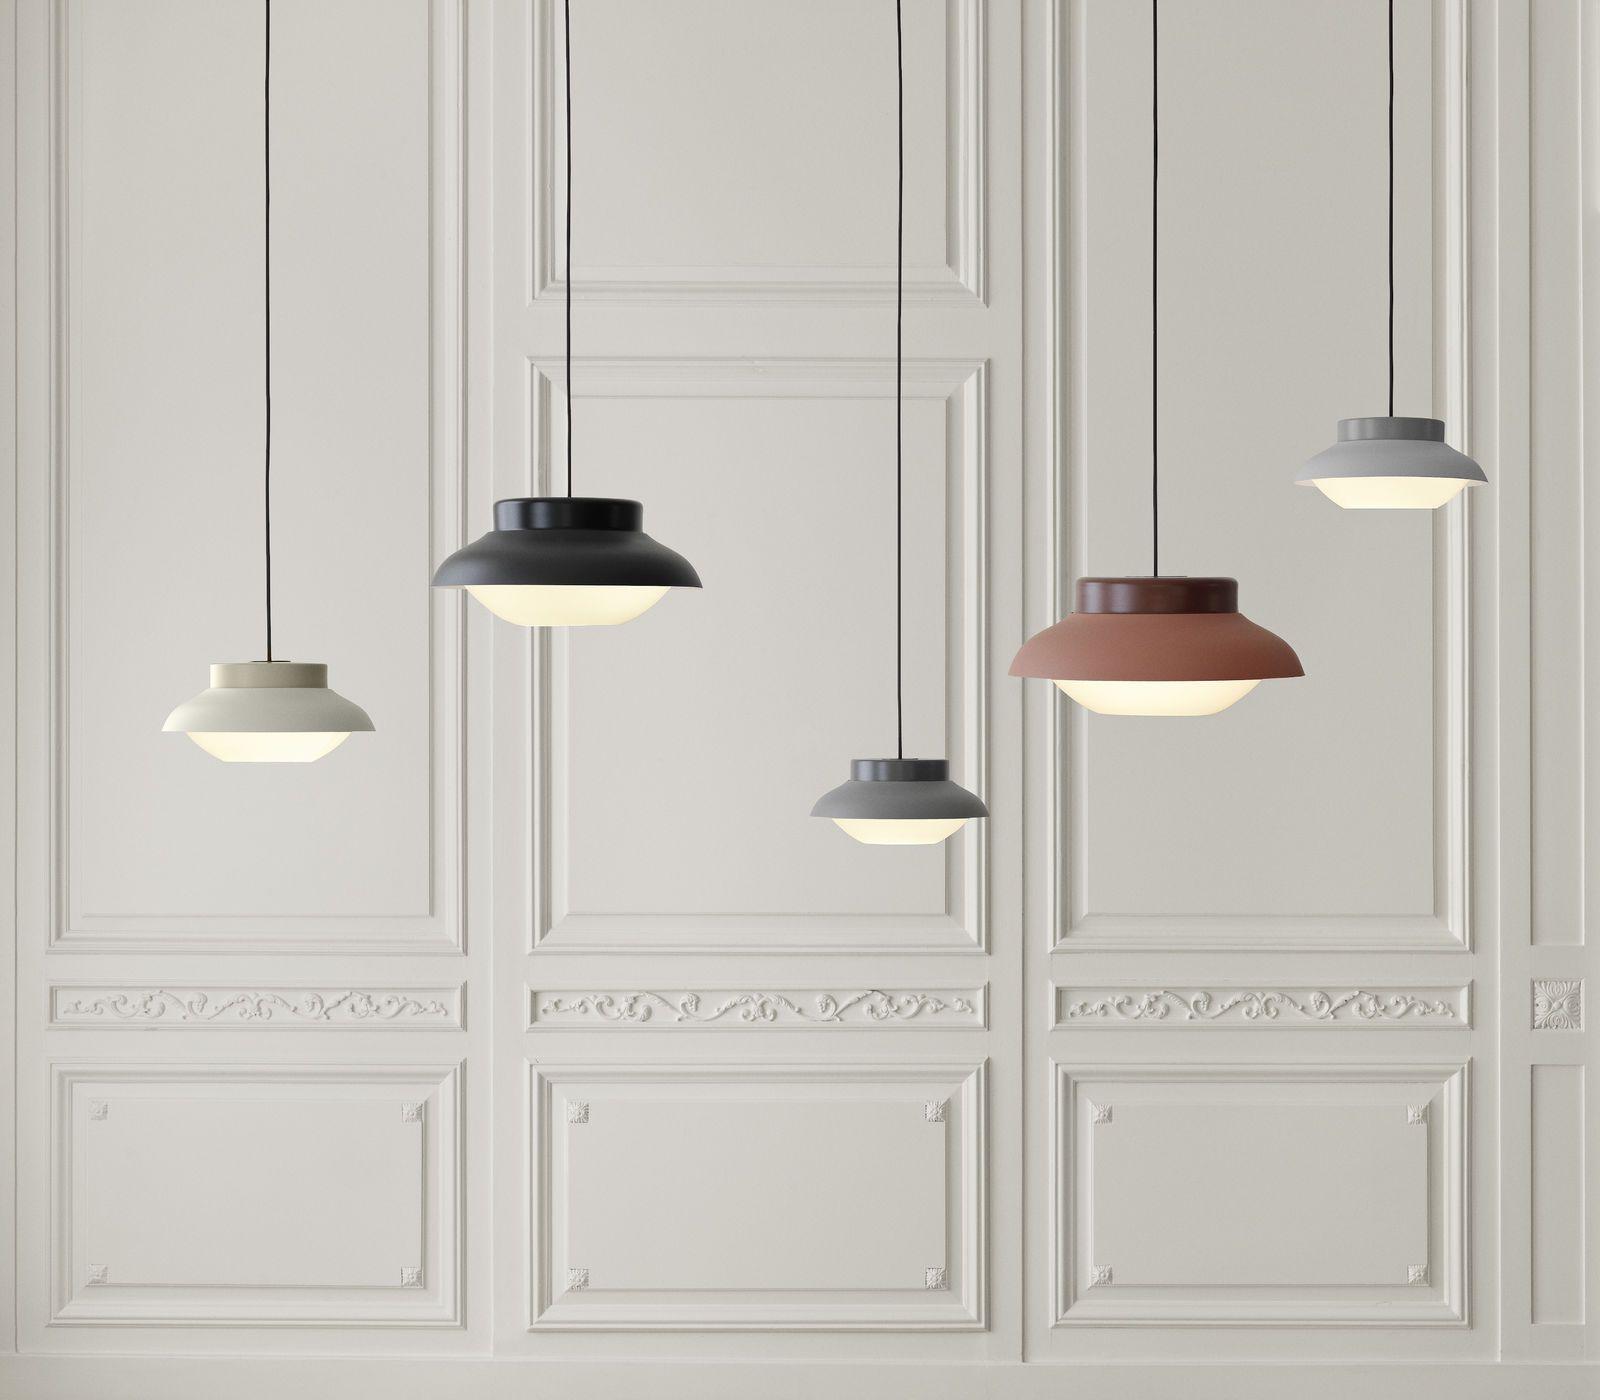 Gubi Collar Lamp By Sebastian Herkner News 2015 Lighting Design Sebastian Herkner Gubi